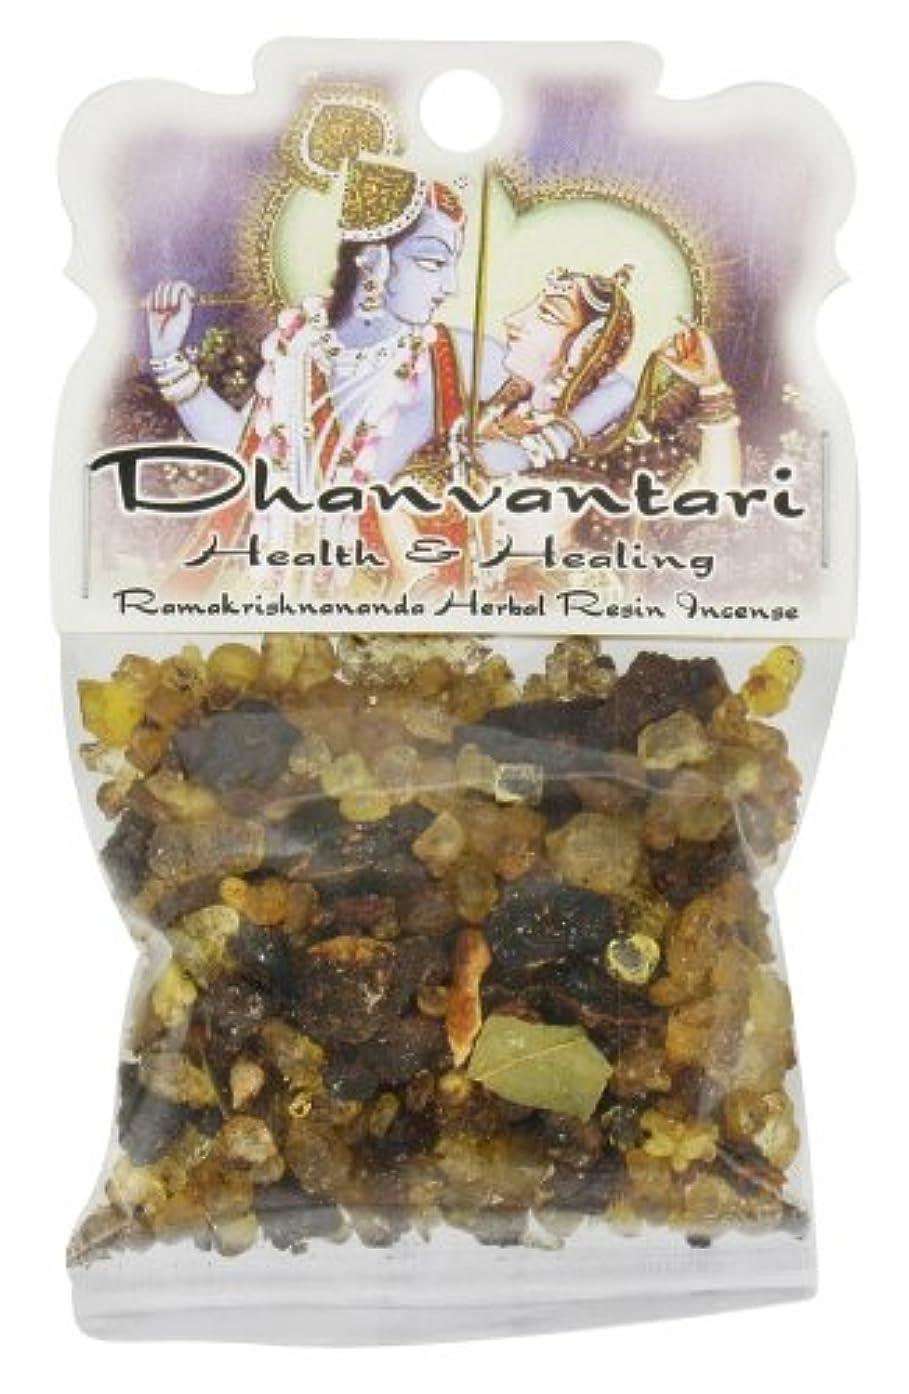 ベアリングサークル場合肝樹脂Incense Dhanvantari – Health and Healing – 1.2ozバッグ